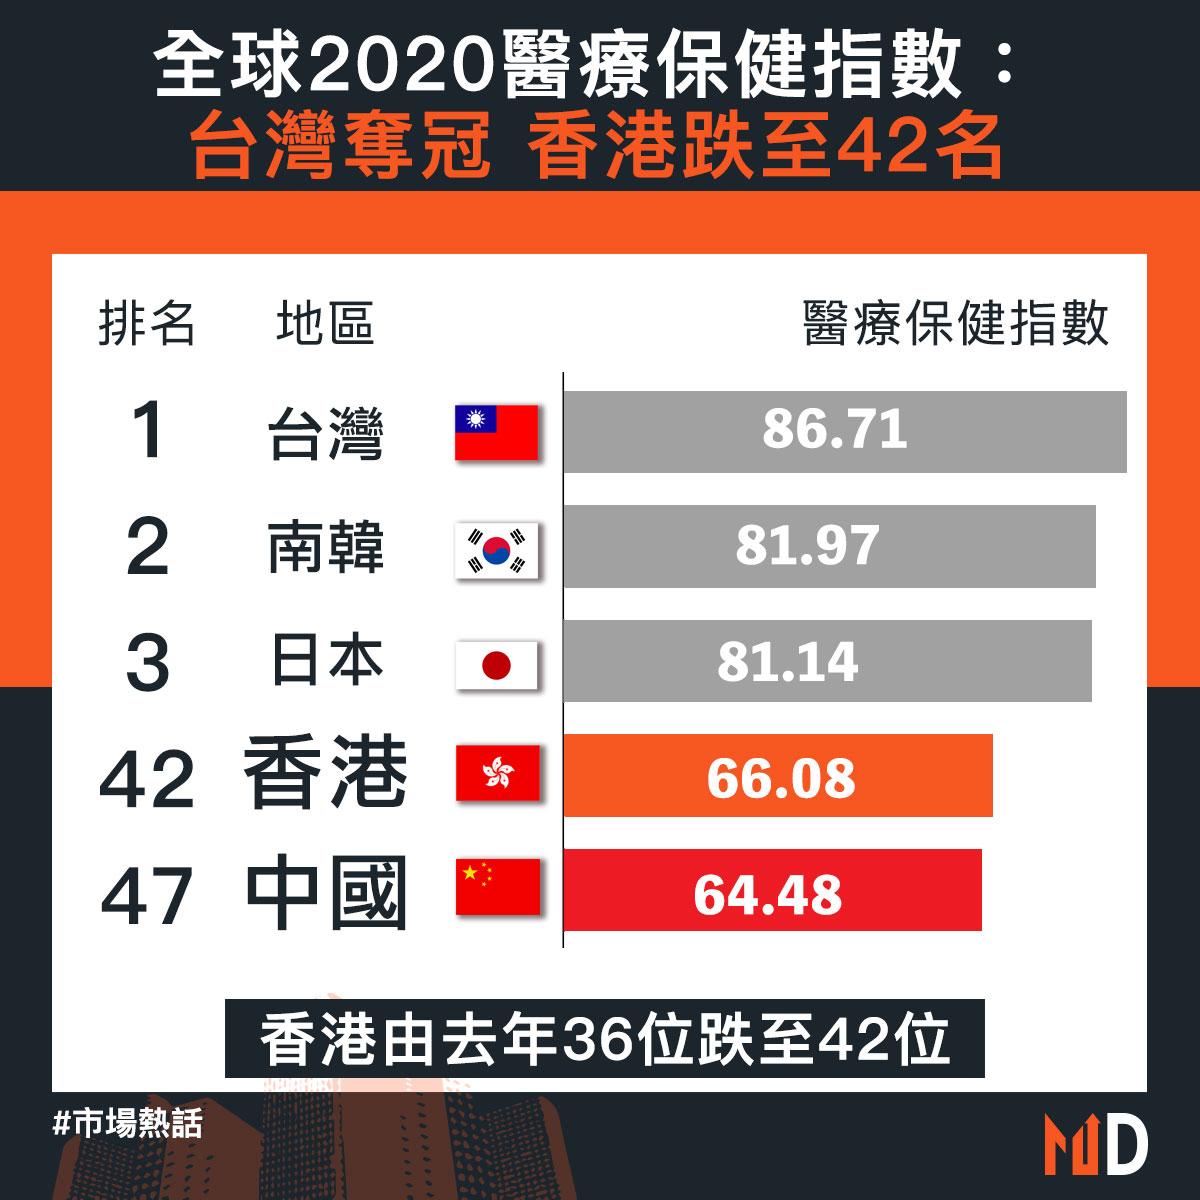 【市場熱話】全球2020醫療保健指數:台灣奪冠 香港跌至42名